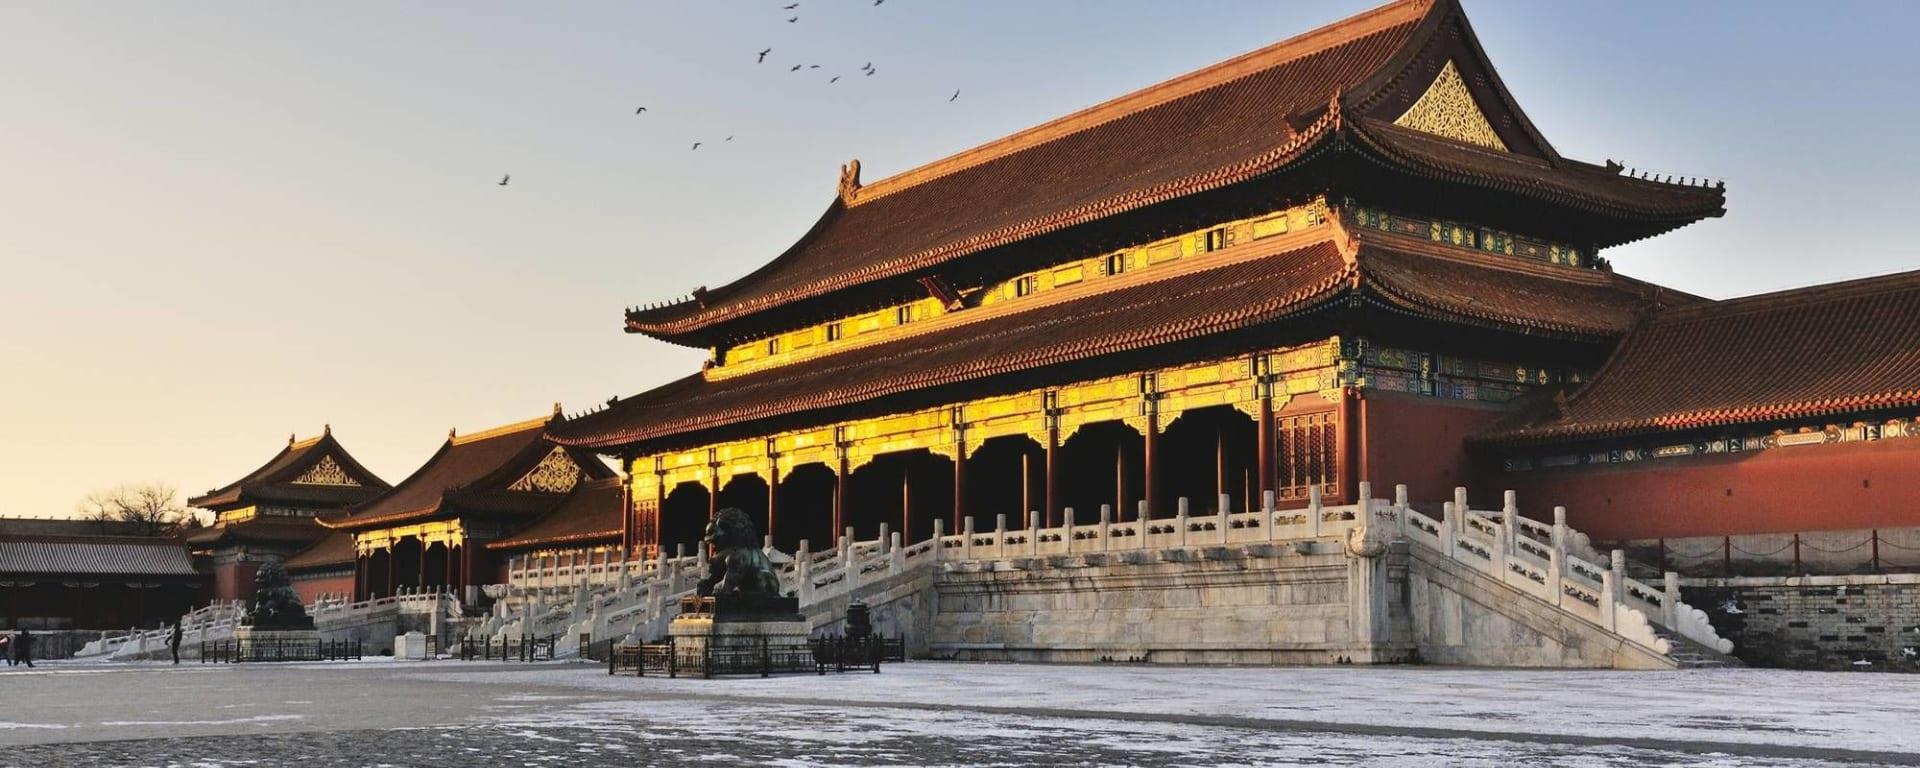 Peking zu Fuss entdecken: Beijing Forbidden City